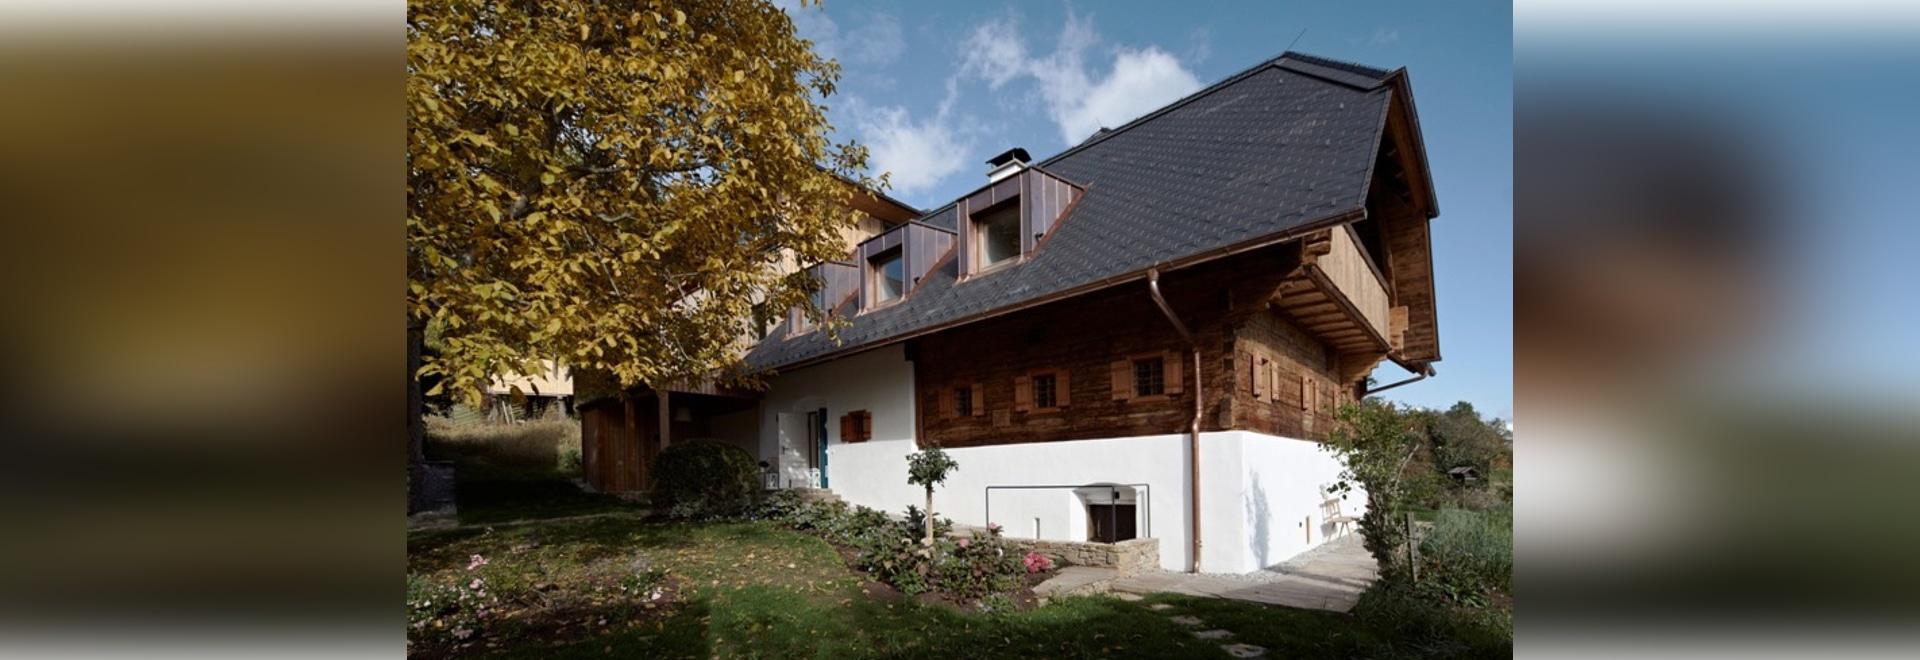 los socios y HpSA ZT del prödl de Erich vuelven a trabajar el cortijo styrian en Austria